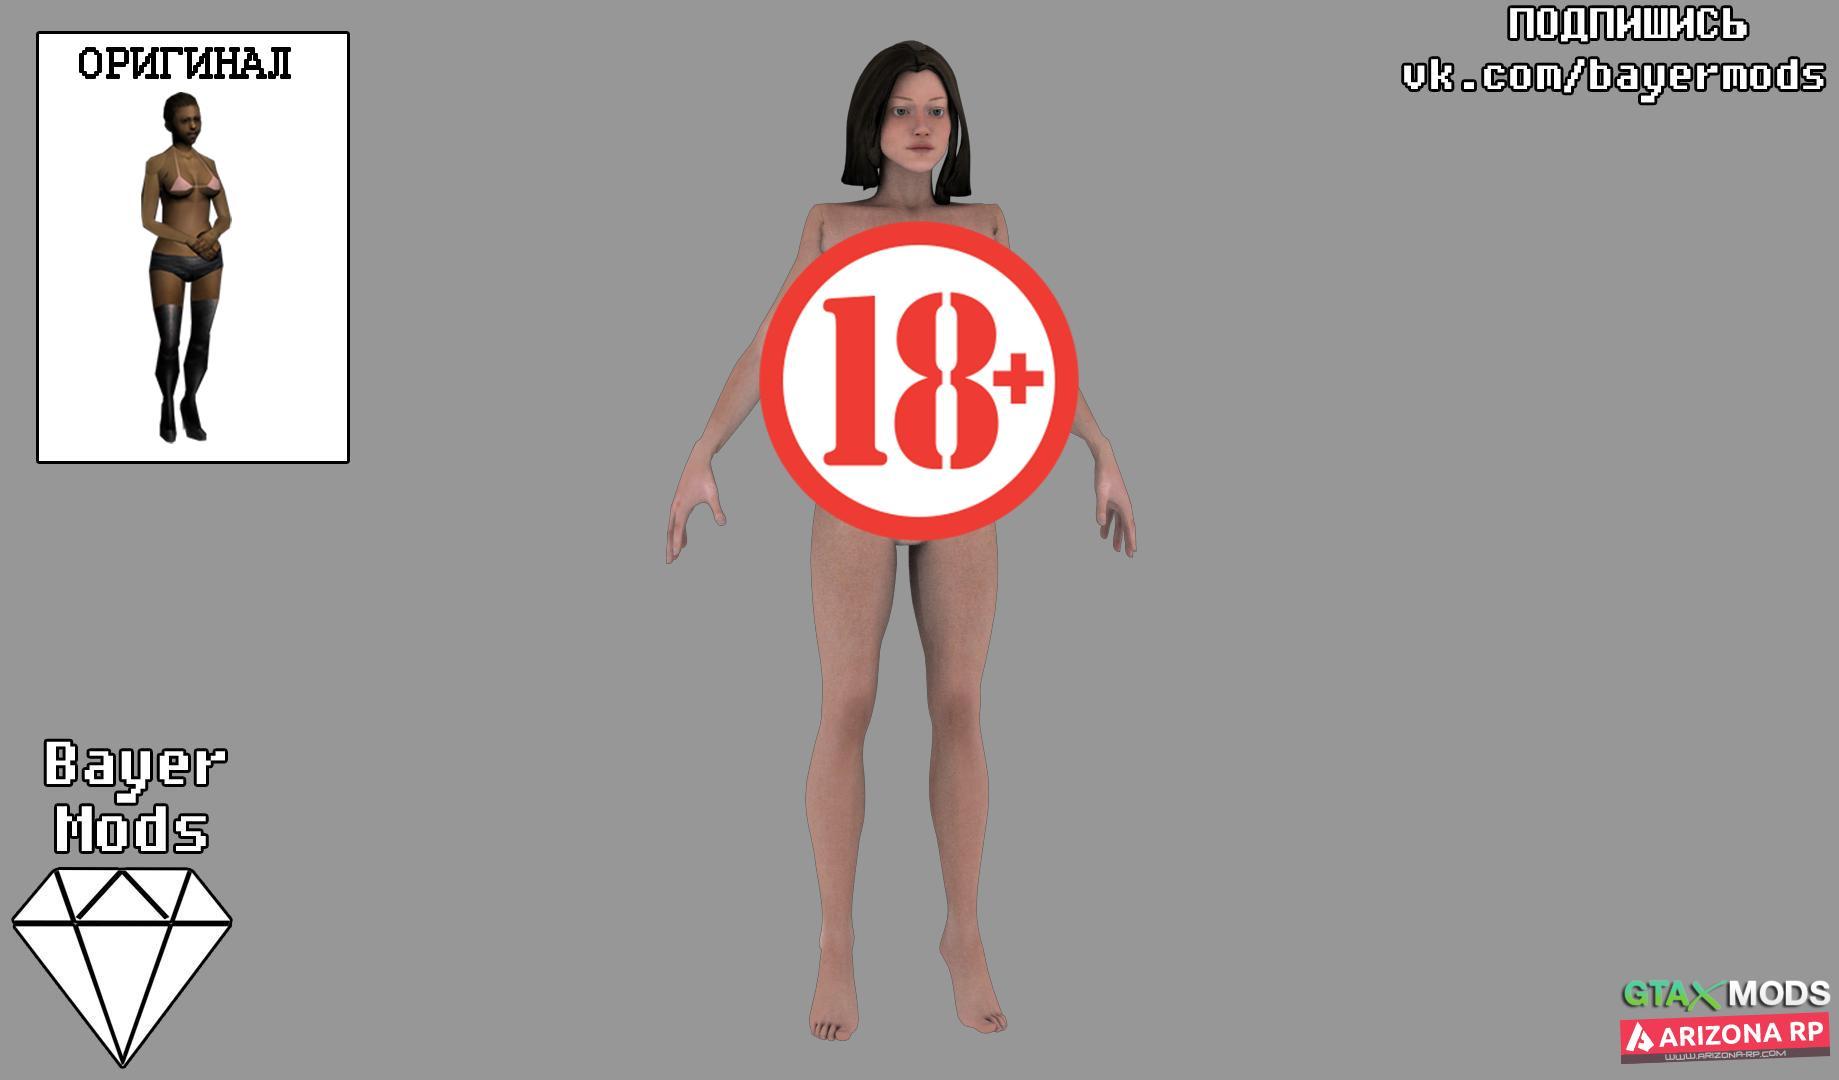 [HQ] Полностью голая девушка